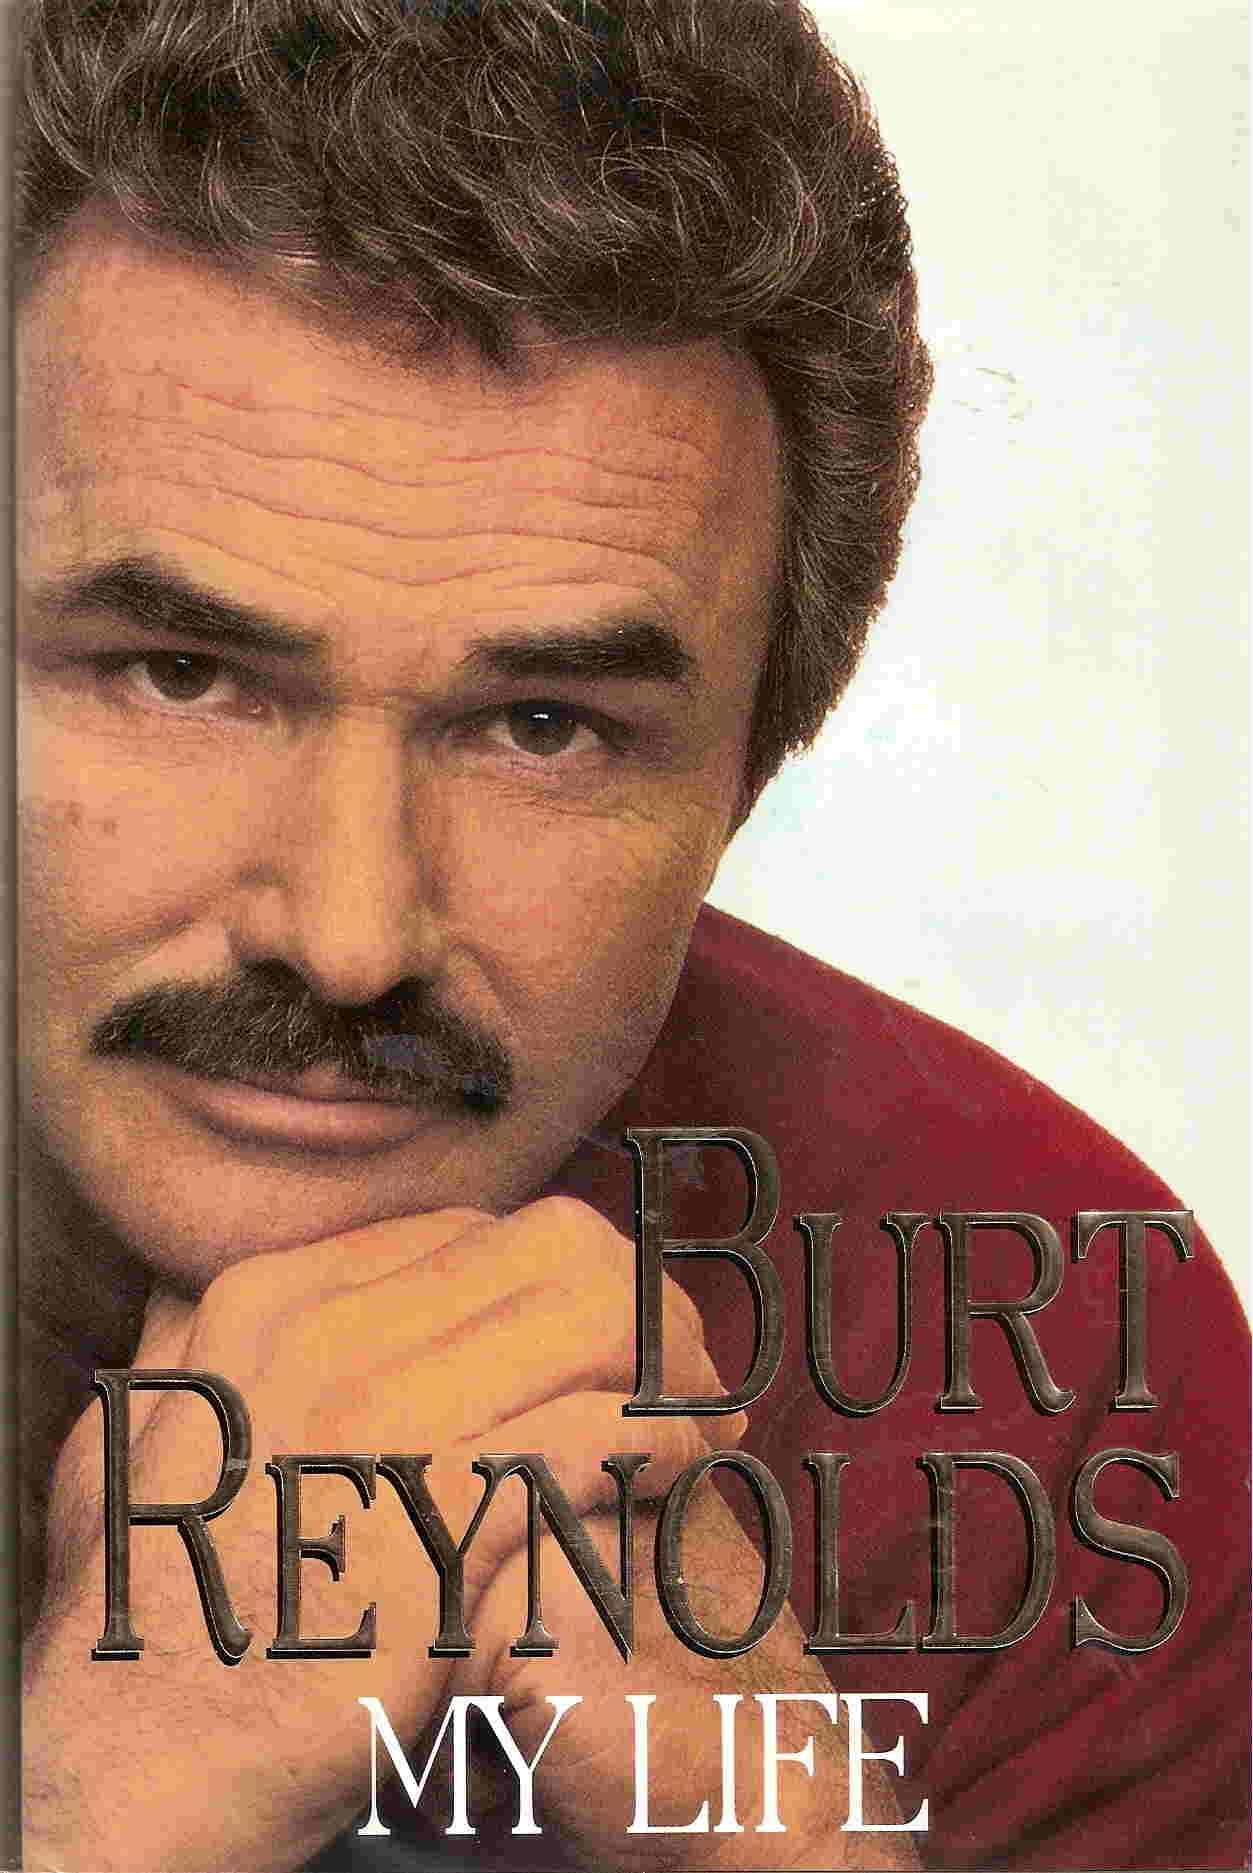 My Life Burt Reynolds 9780786861309 Amazon Books – Burt Reynolds Birthday Card